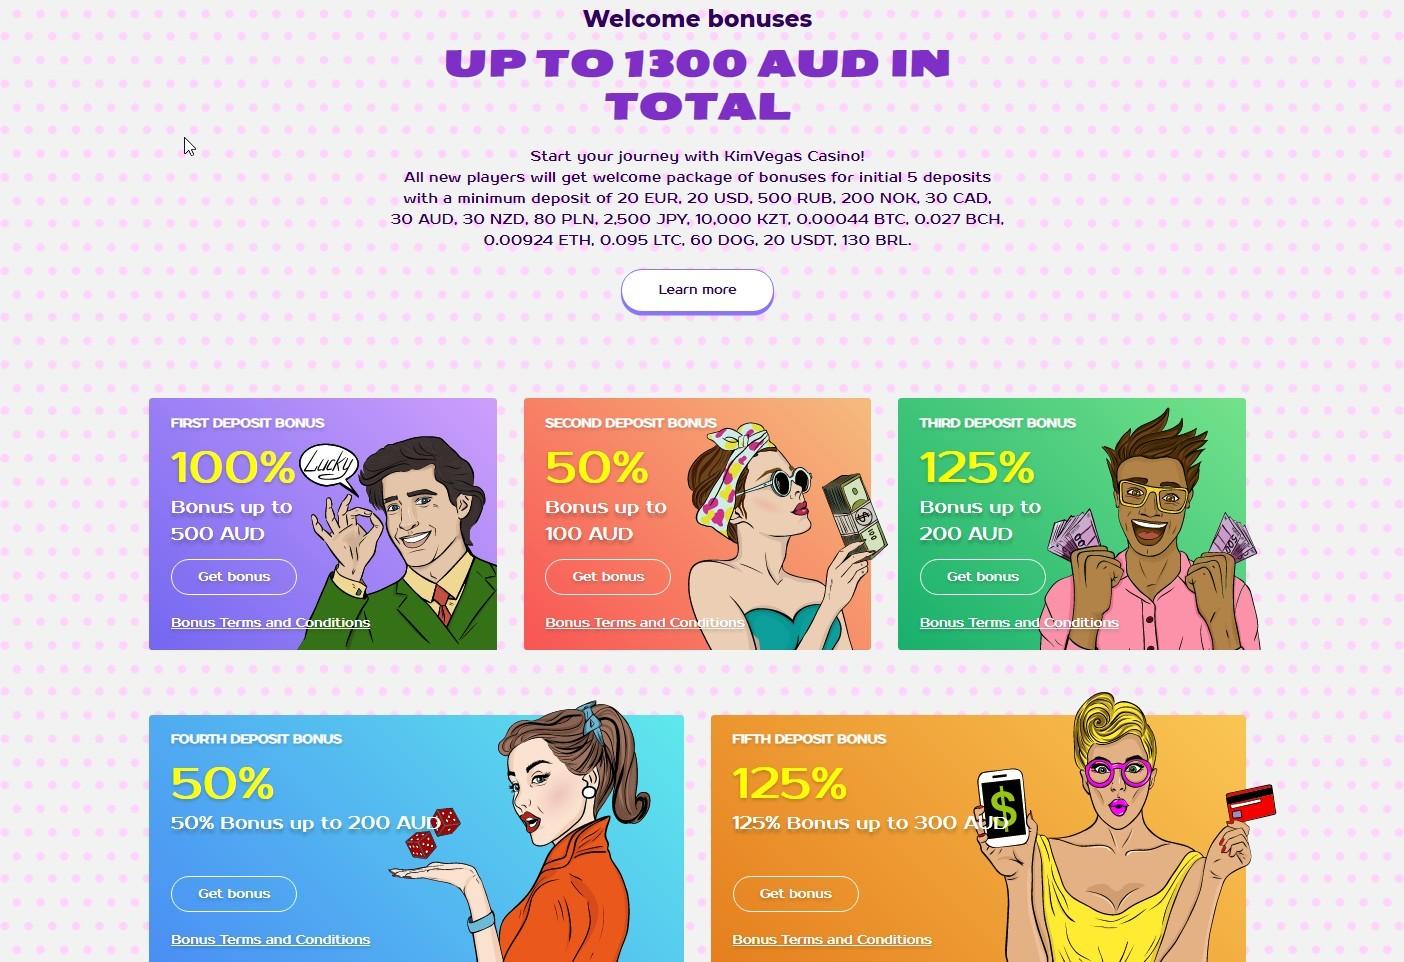 kim_vegas_casino_hottopcasino_welcome_bonus_100%_up_to_500AUD